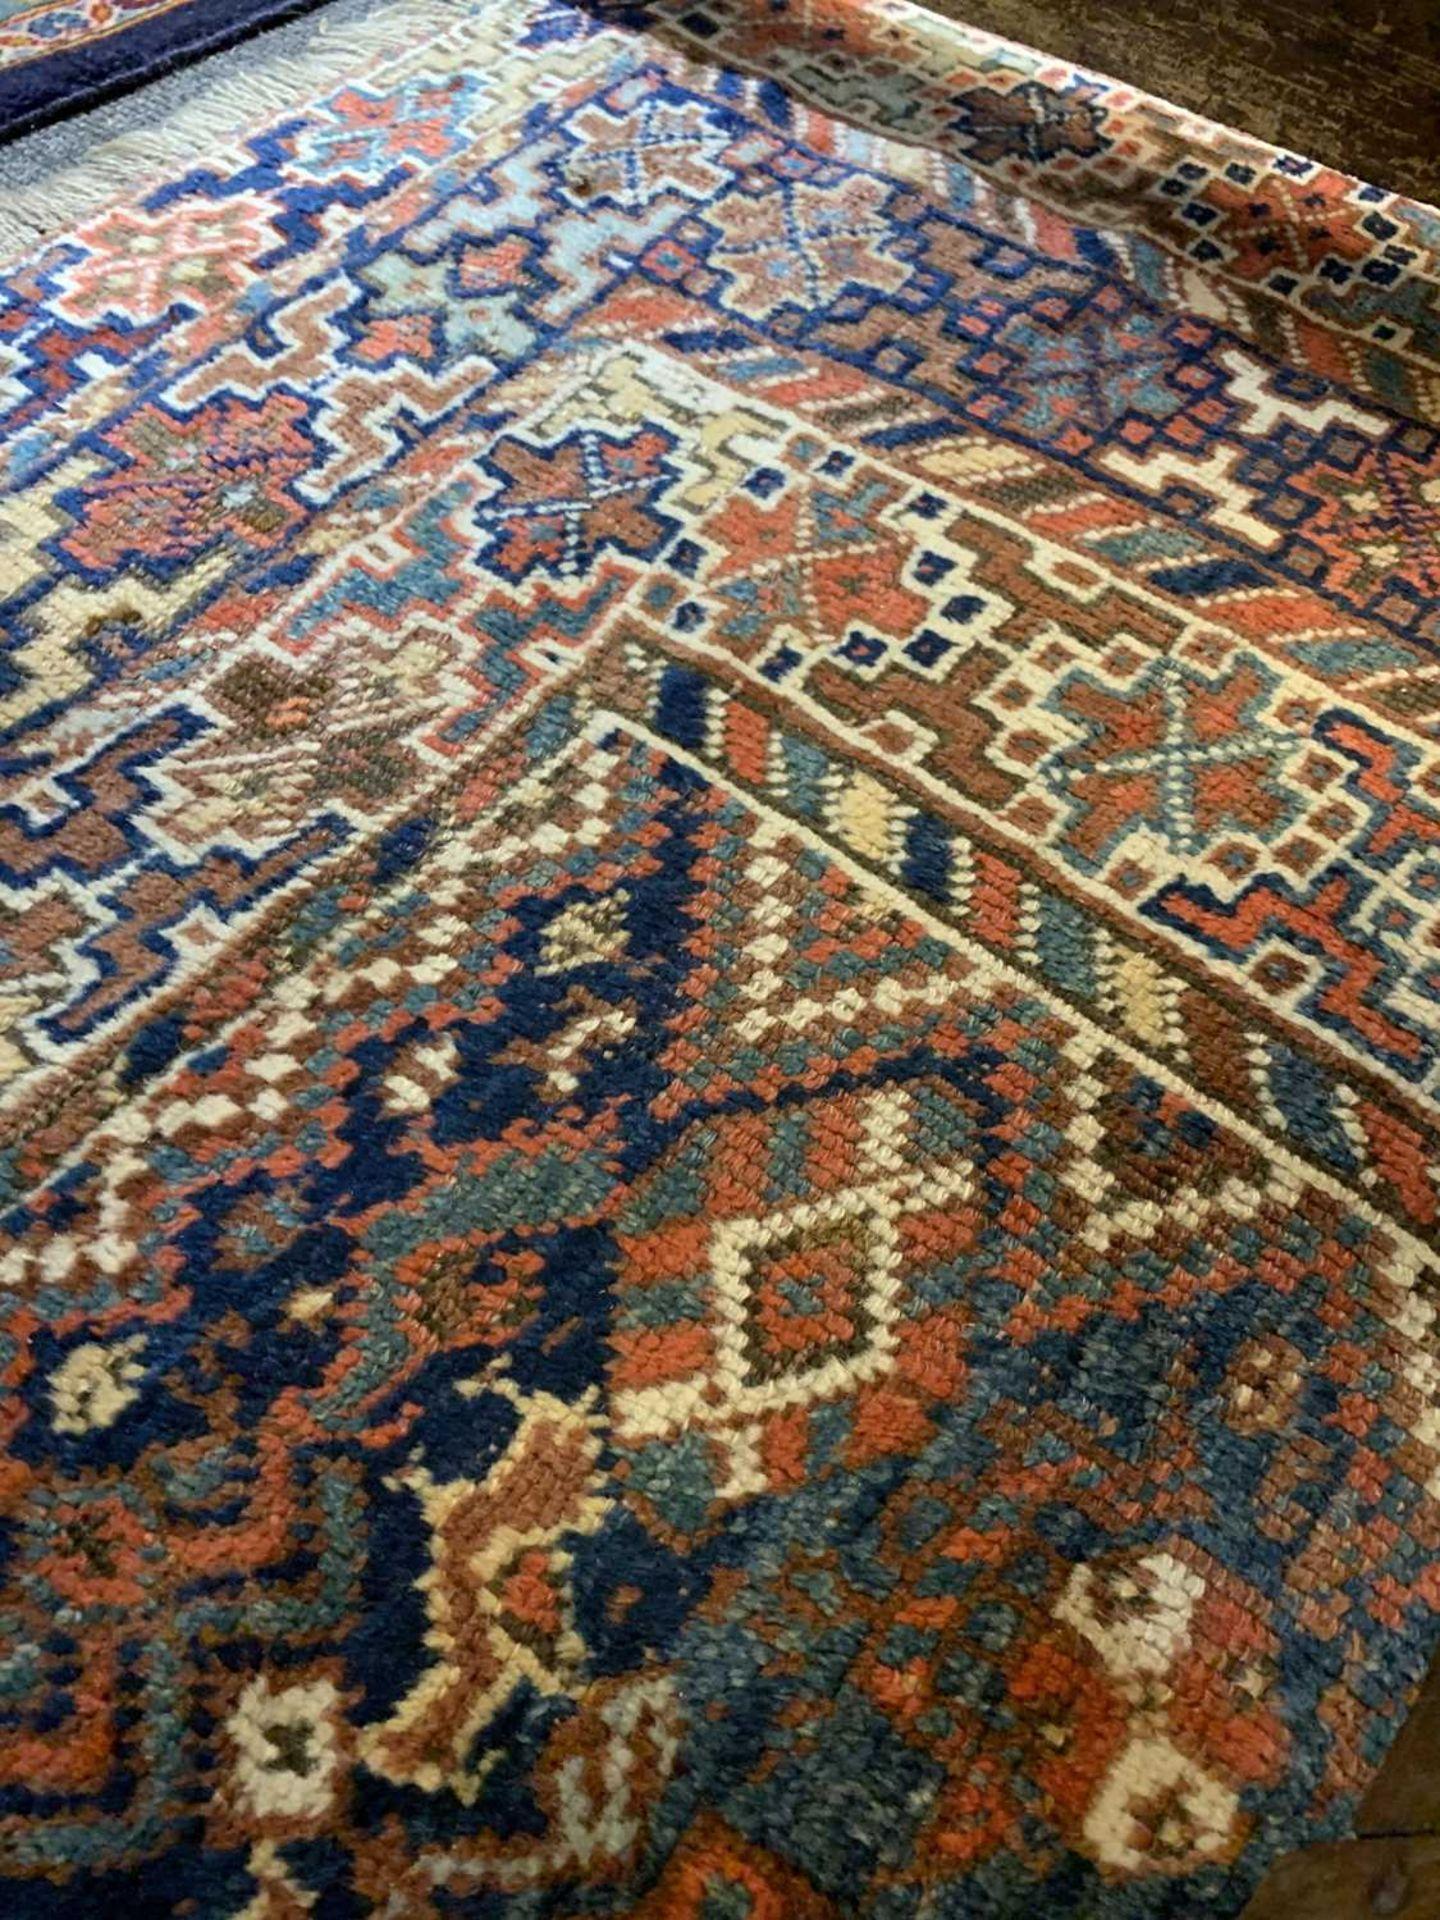 A Persian Khamseh carpet, - Image 8 of 15